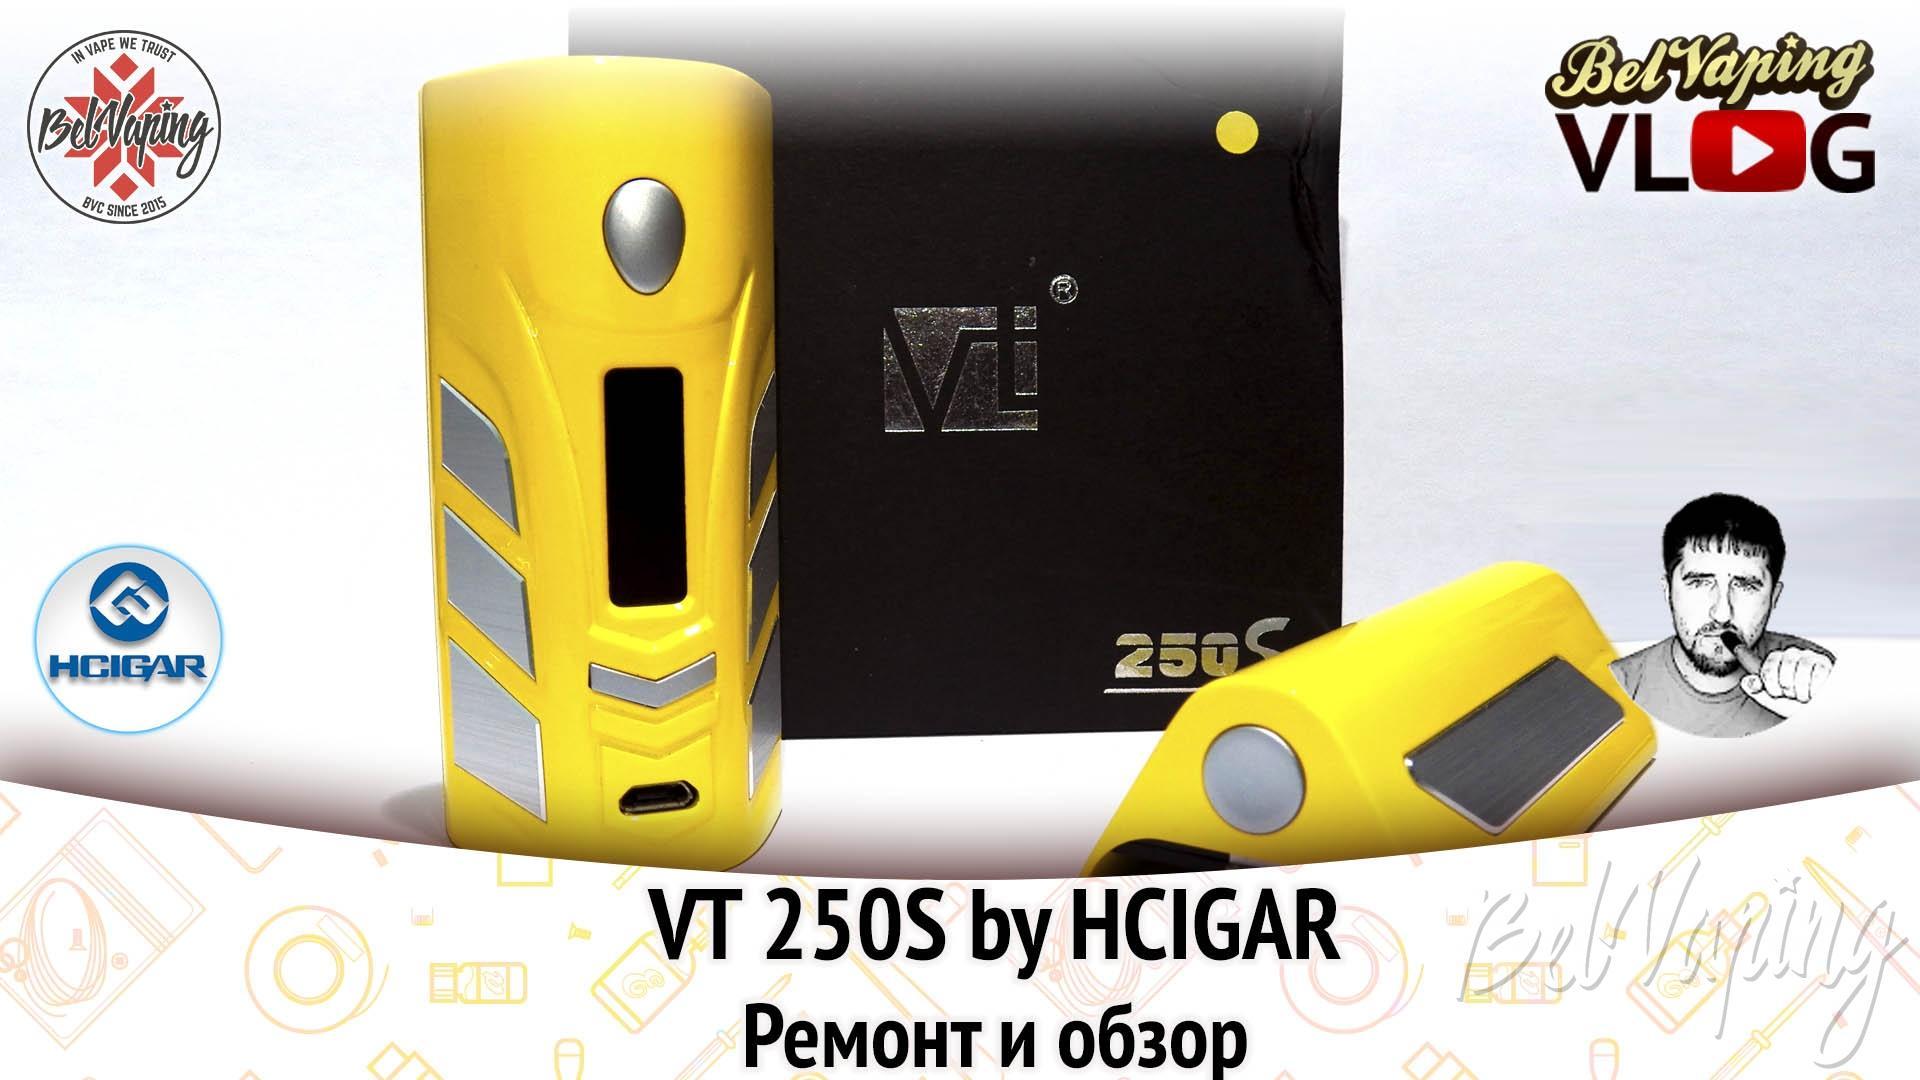 Обзор и ремонт Hcigar VT 250S